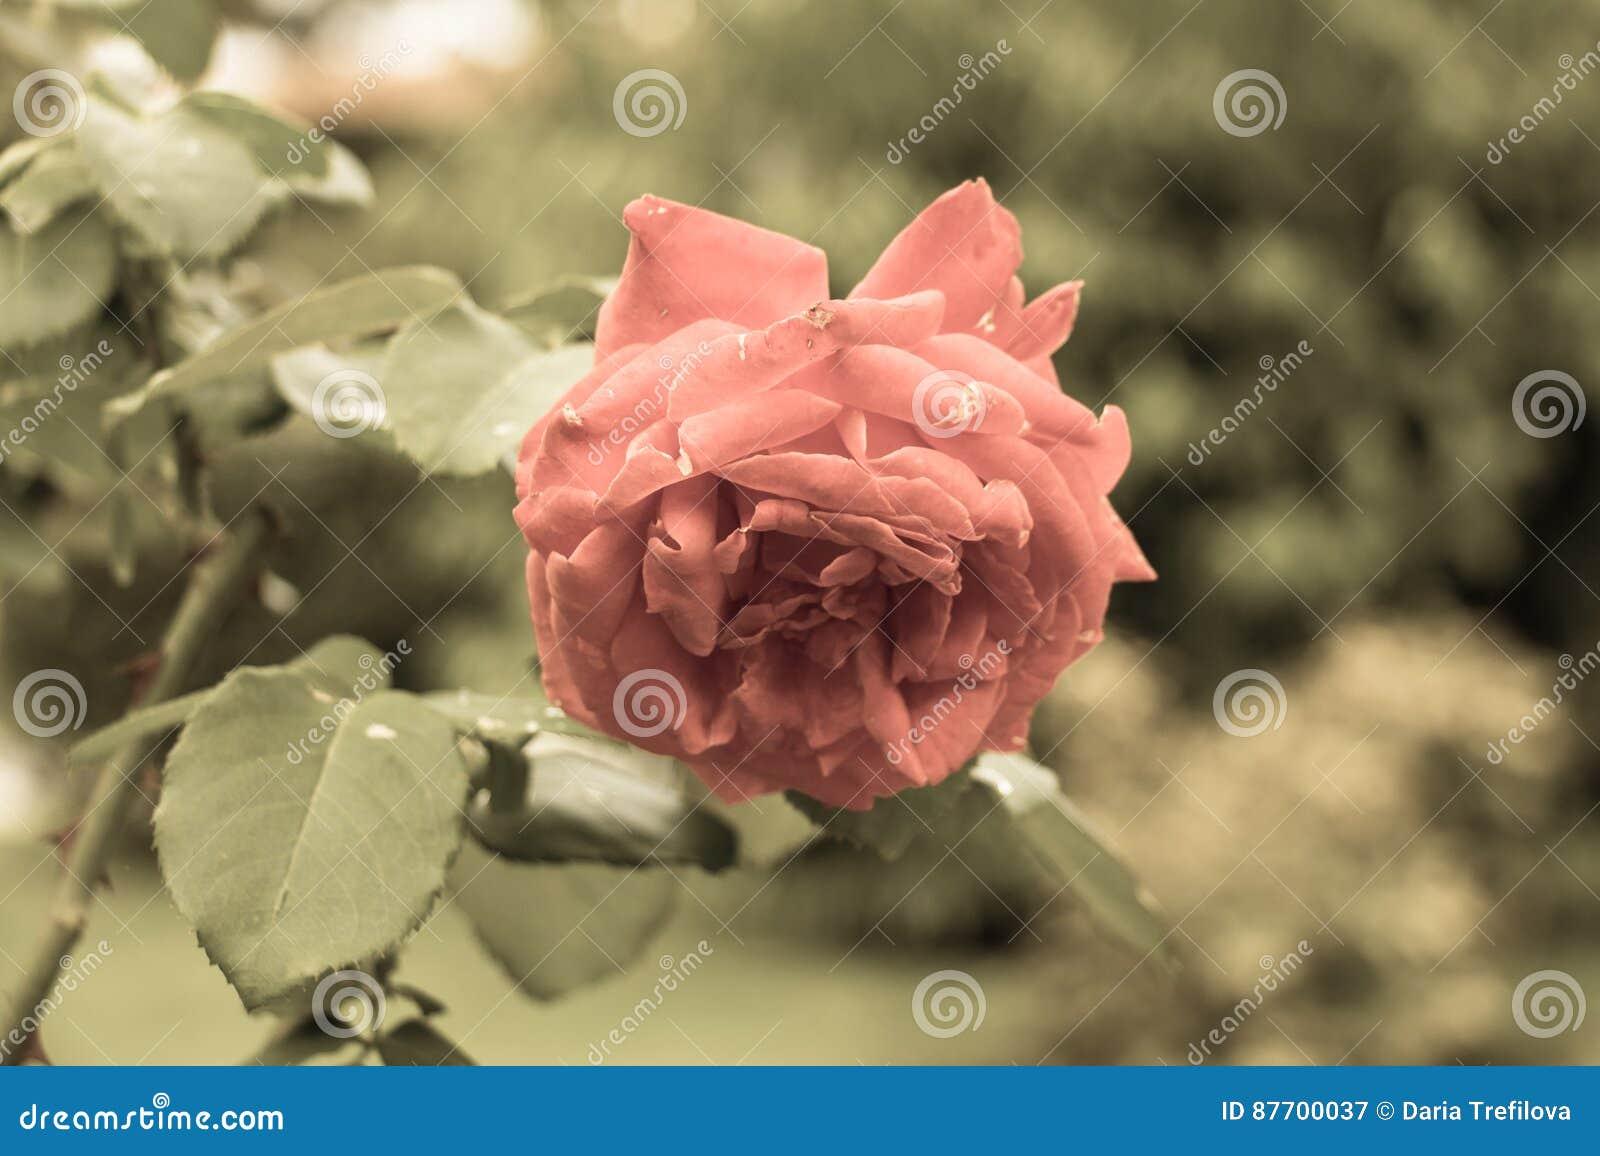 Rosa Photo âgée Filtre âgé